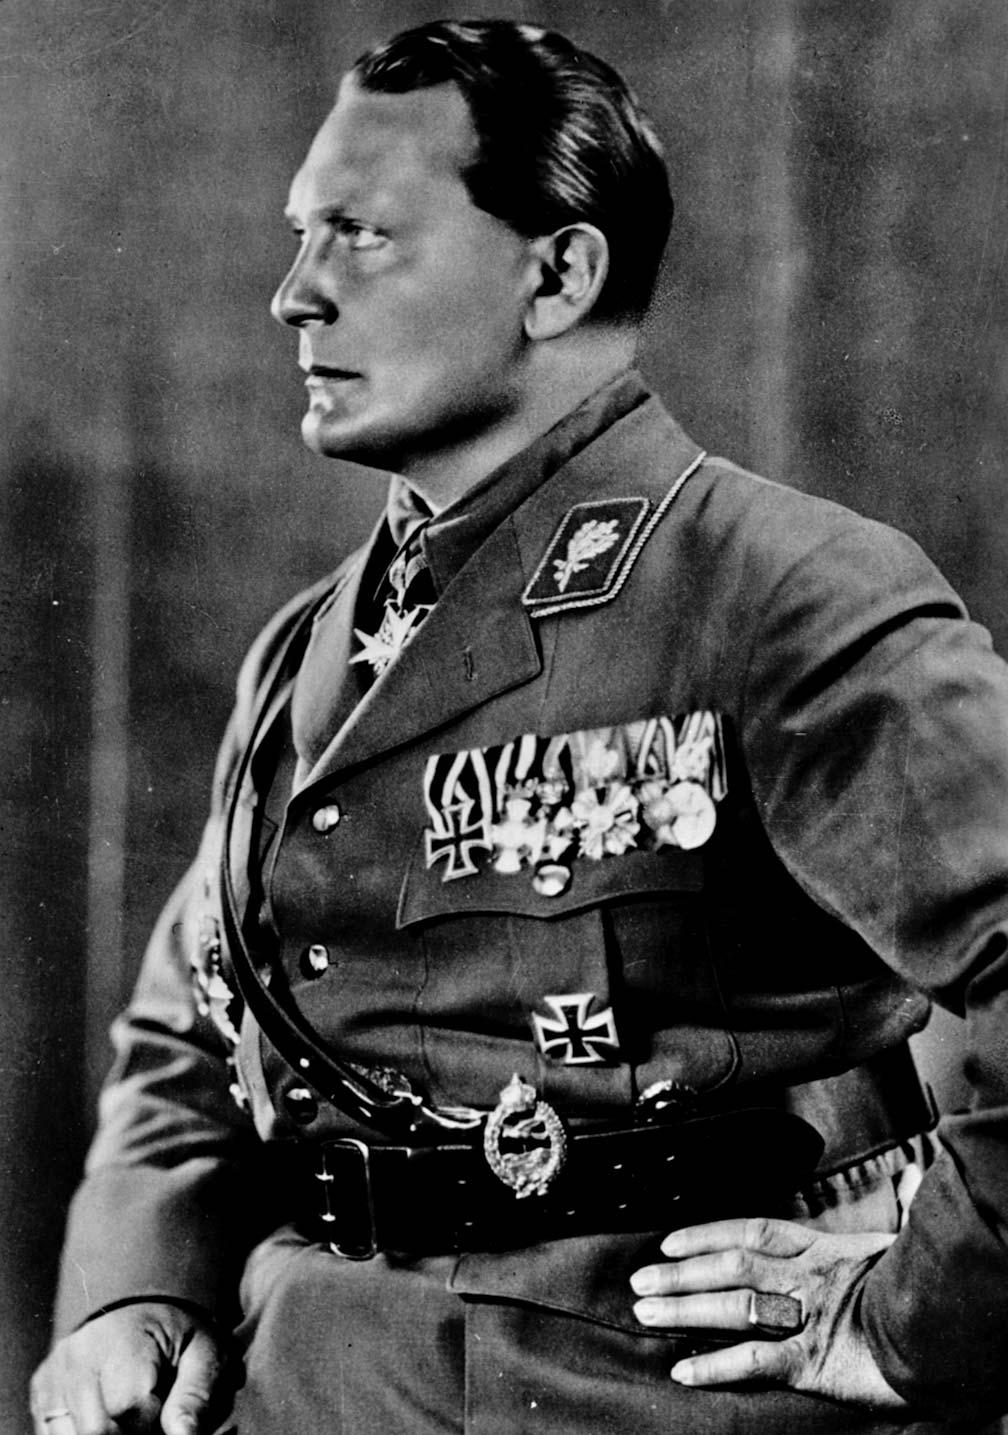 صورة لقائد سلاح الجو الألماني هرمان غورينغ